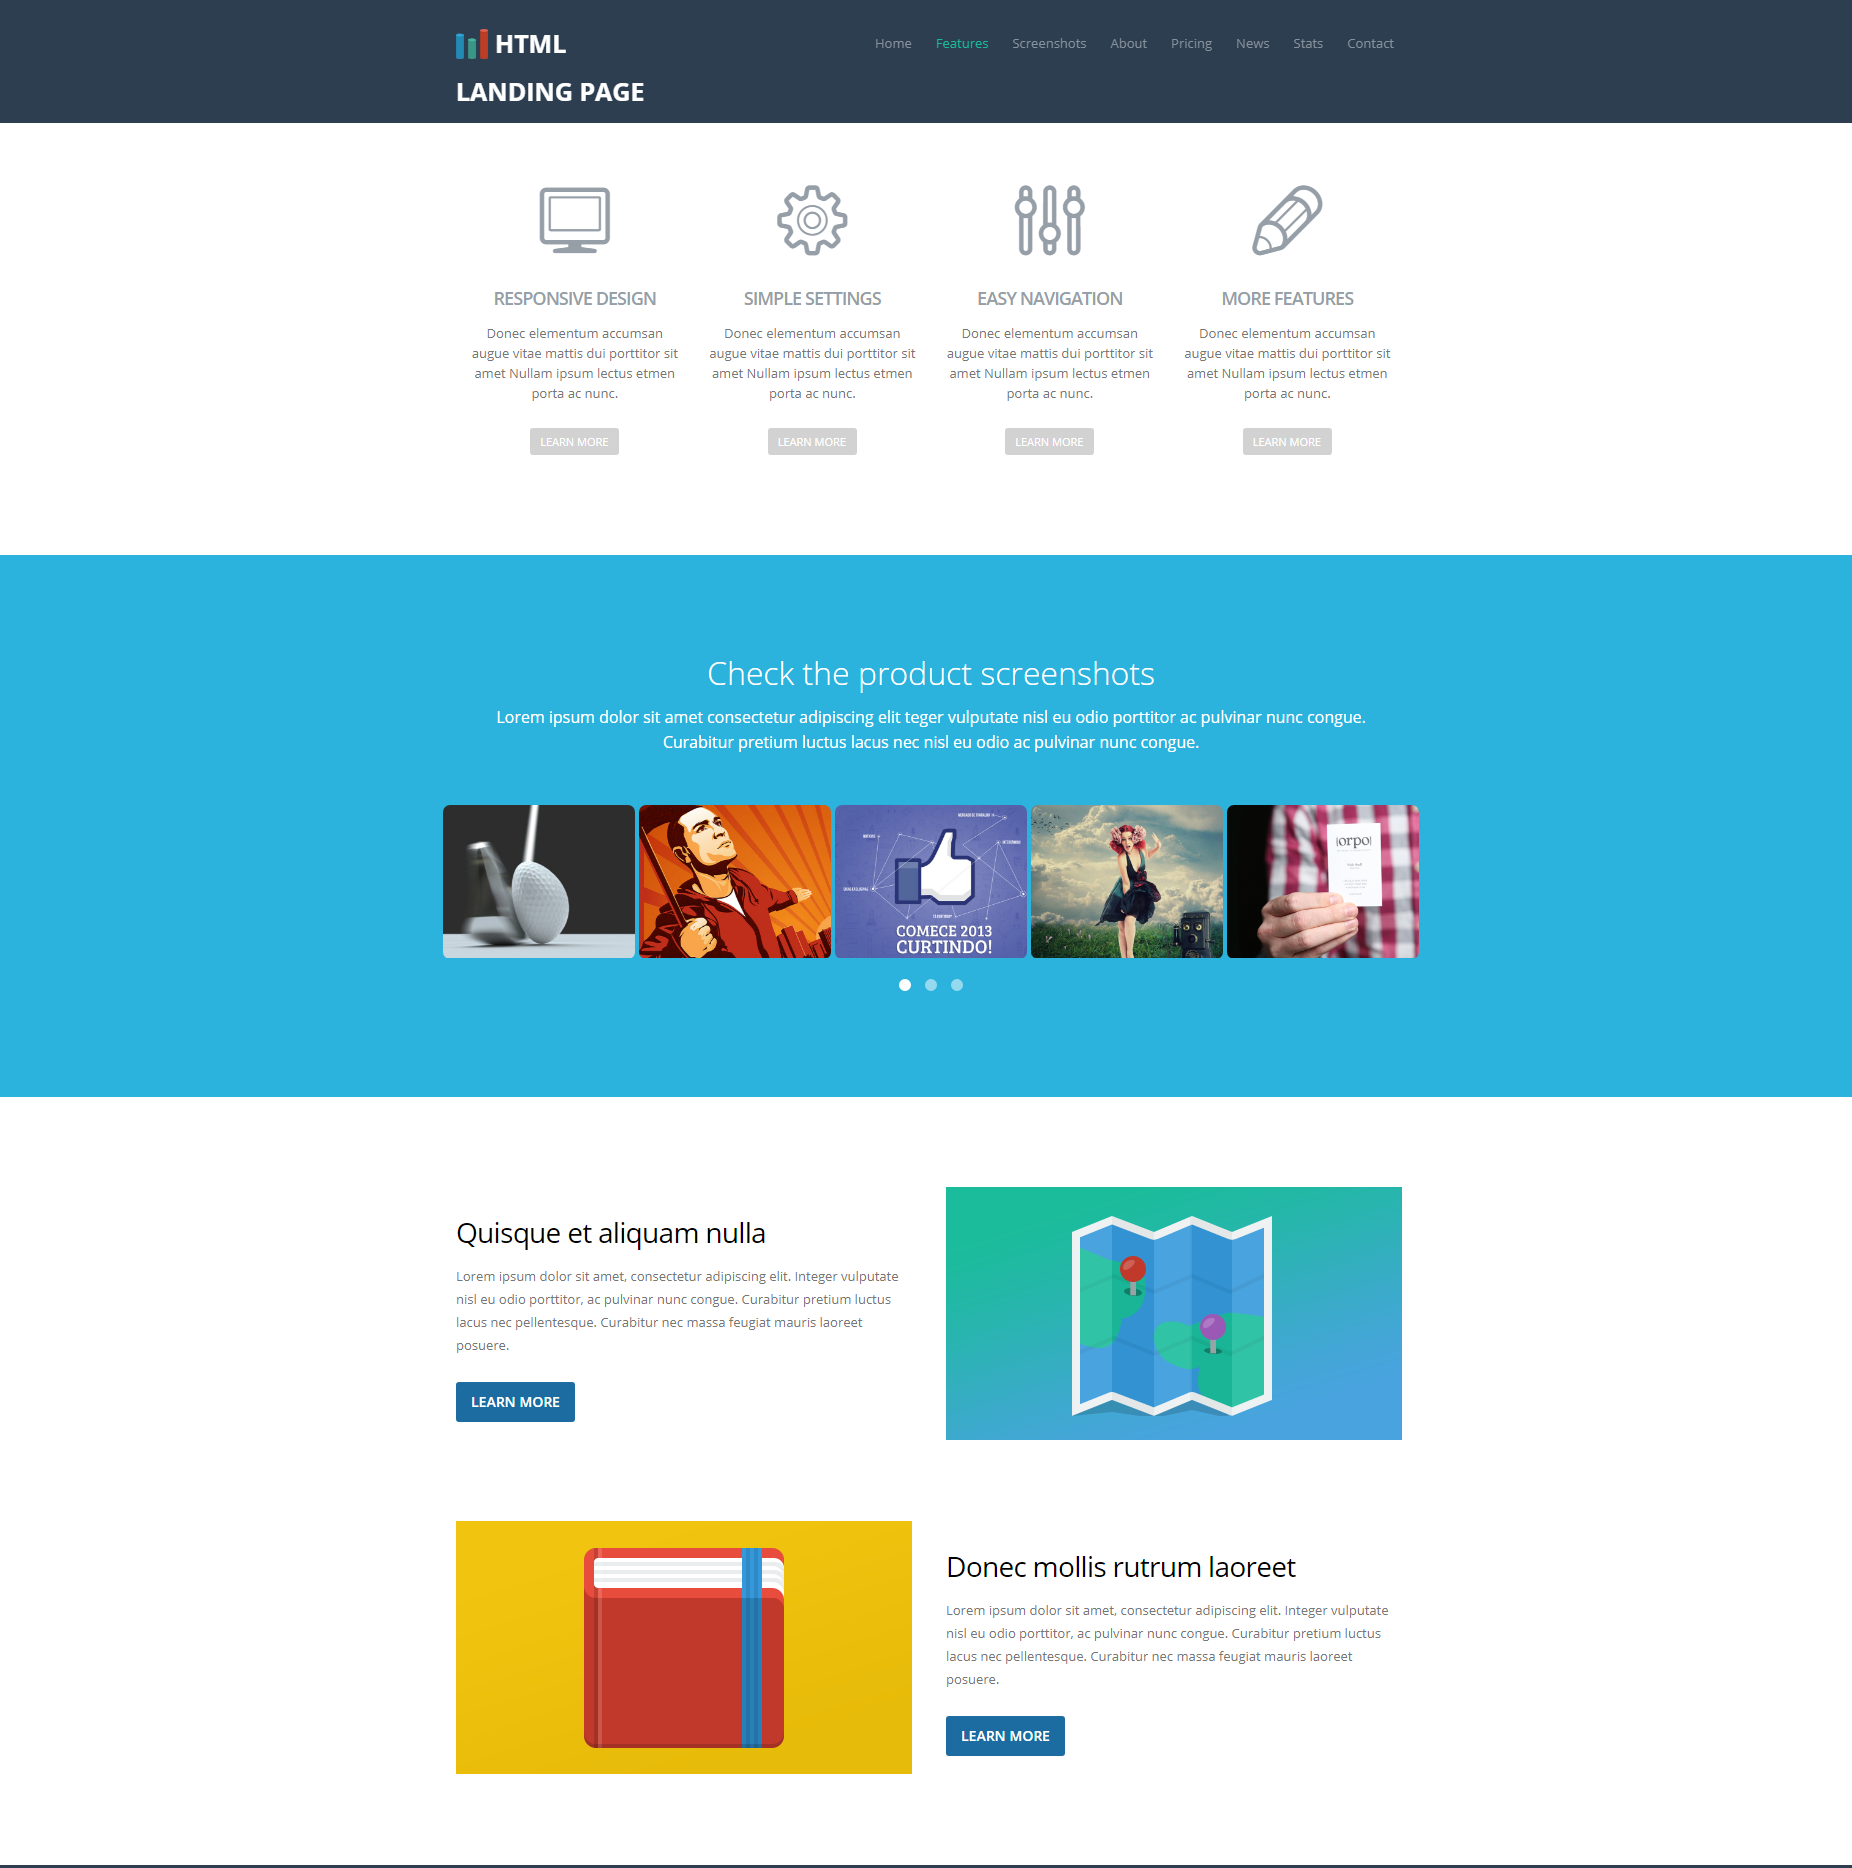 HTML Bootstrap Ezyland Templates